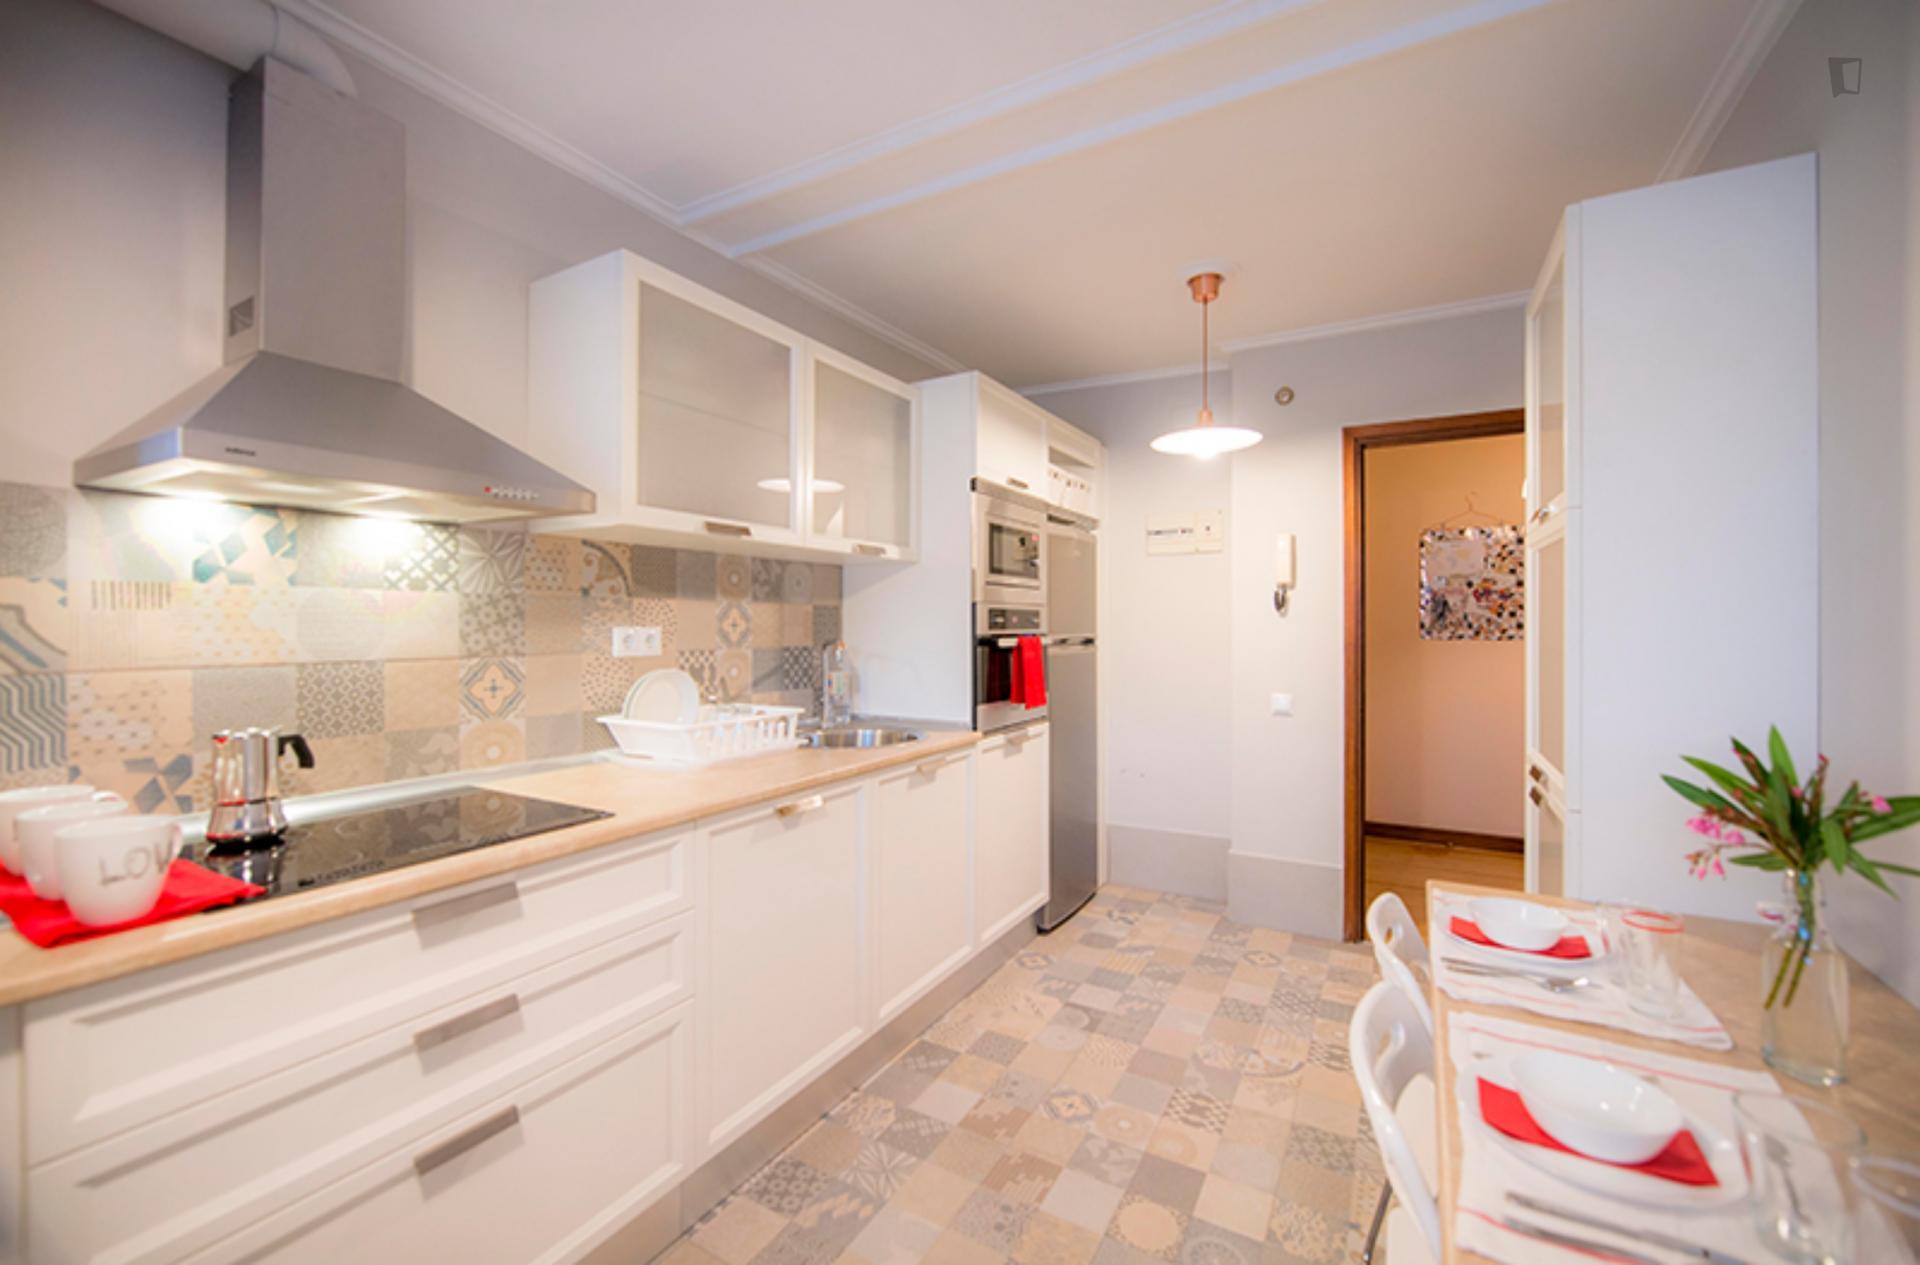 Etxetaldea- Cozy Room in Shared Flat Bilbao